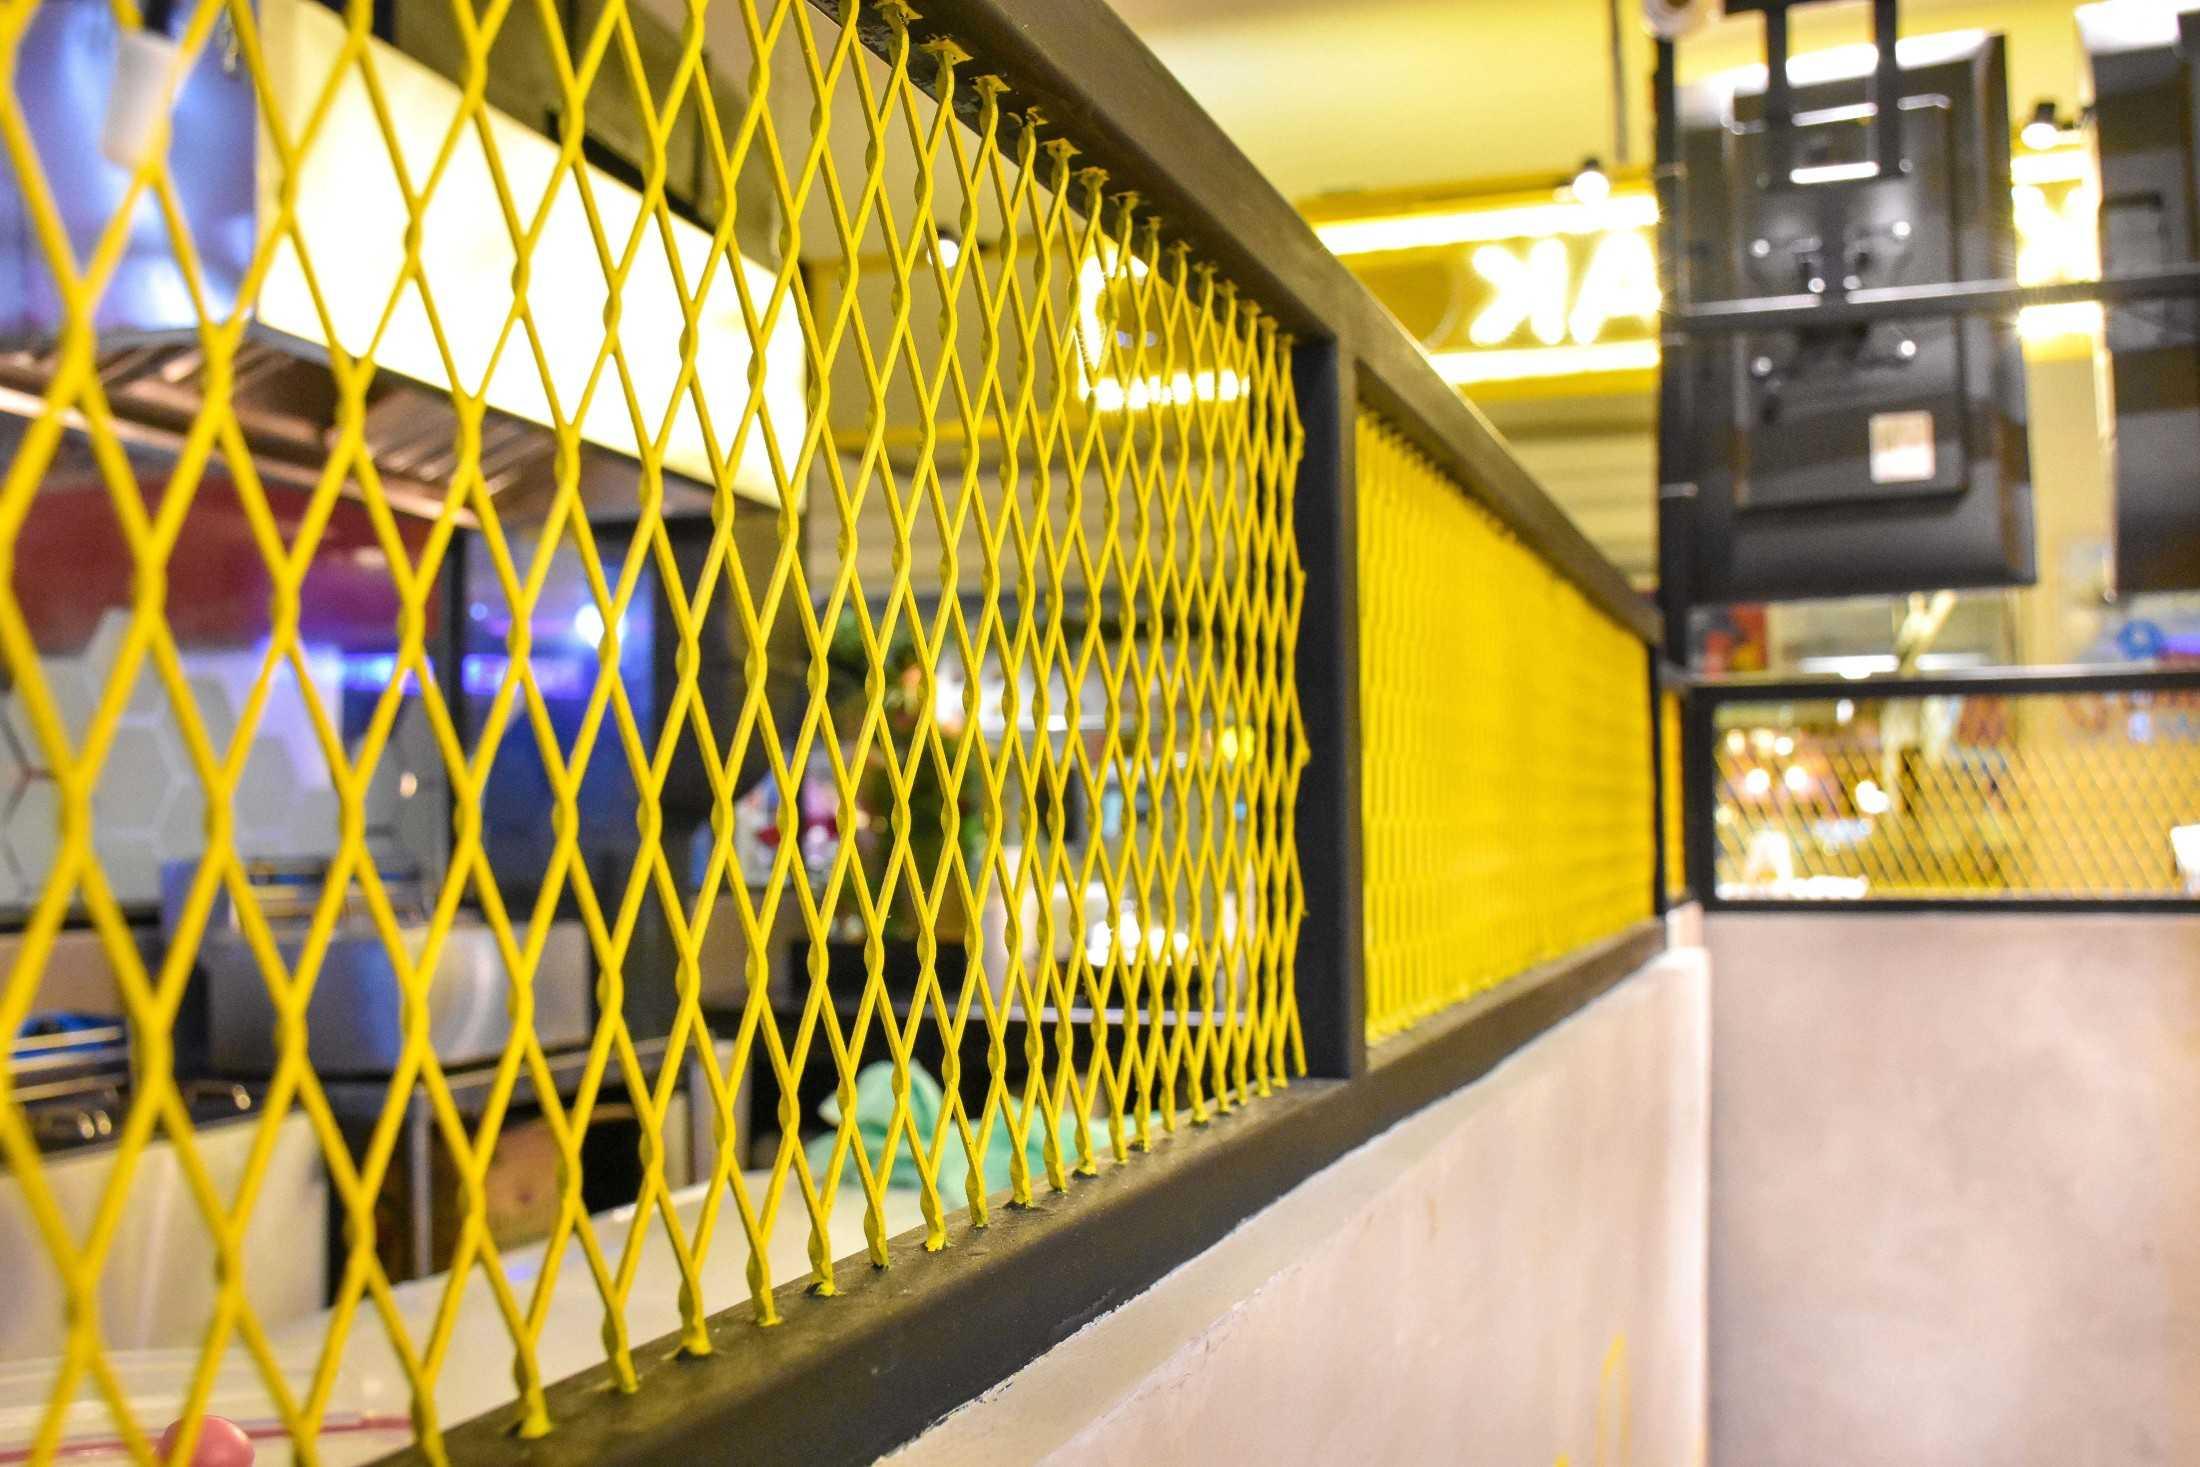 Total Renov Kkuldak Kota Kasablanka Jalan Casablanca No.88, Menteng Dalam, Tebet, Rt.14/rw.5, Menteng Dalam, Tebet, Kota Jakarta Selatan, Daerah Khusus Ibukota Jakarta 12870, Indonesia Jalan Casablanca No.88, Menteng Dalam, Tebet, Rt.14/rw.5, Menteng Dalam, Tebet, Kota Jakarta Selatan, Daerah Khusus Ibukota Jakarta 12870, Indonesia Total-Renov-Kkuldak-Kota-Kasablanka  62992